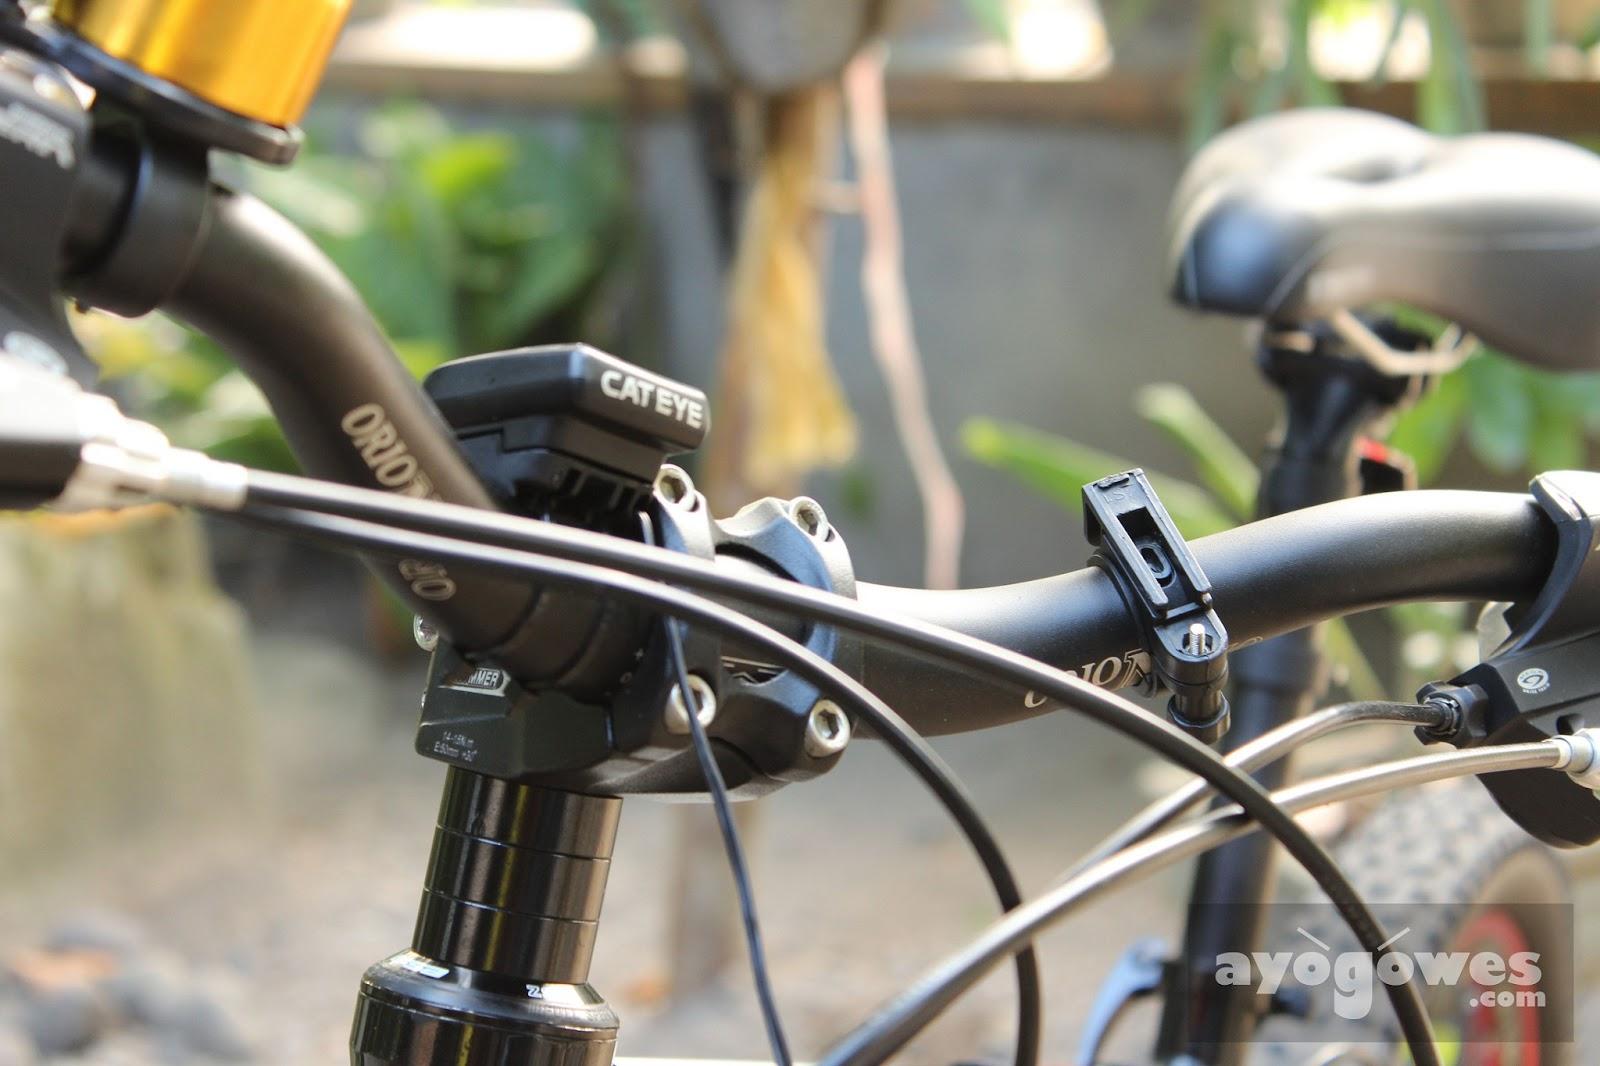 membeli dan memilih sepeda yang tepat